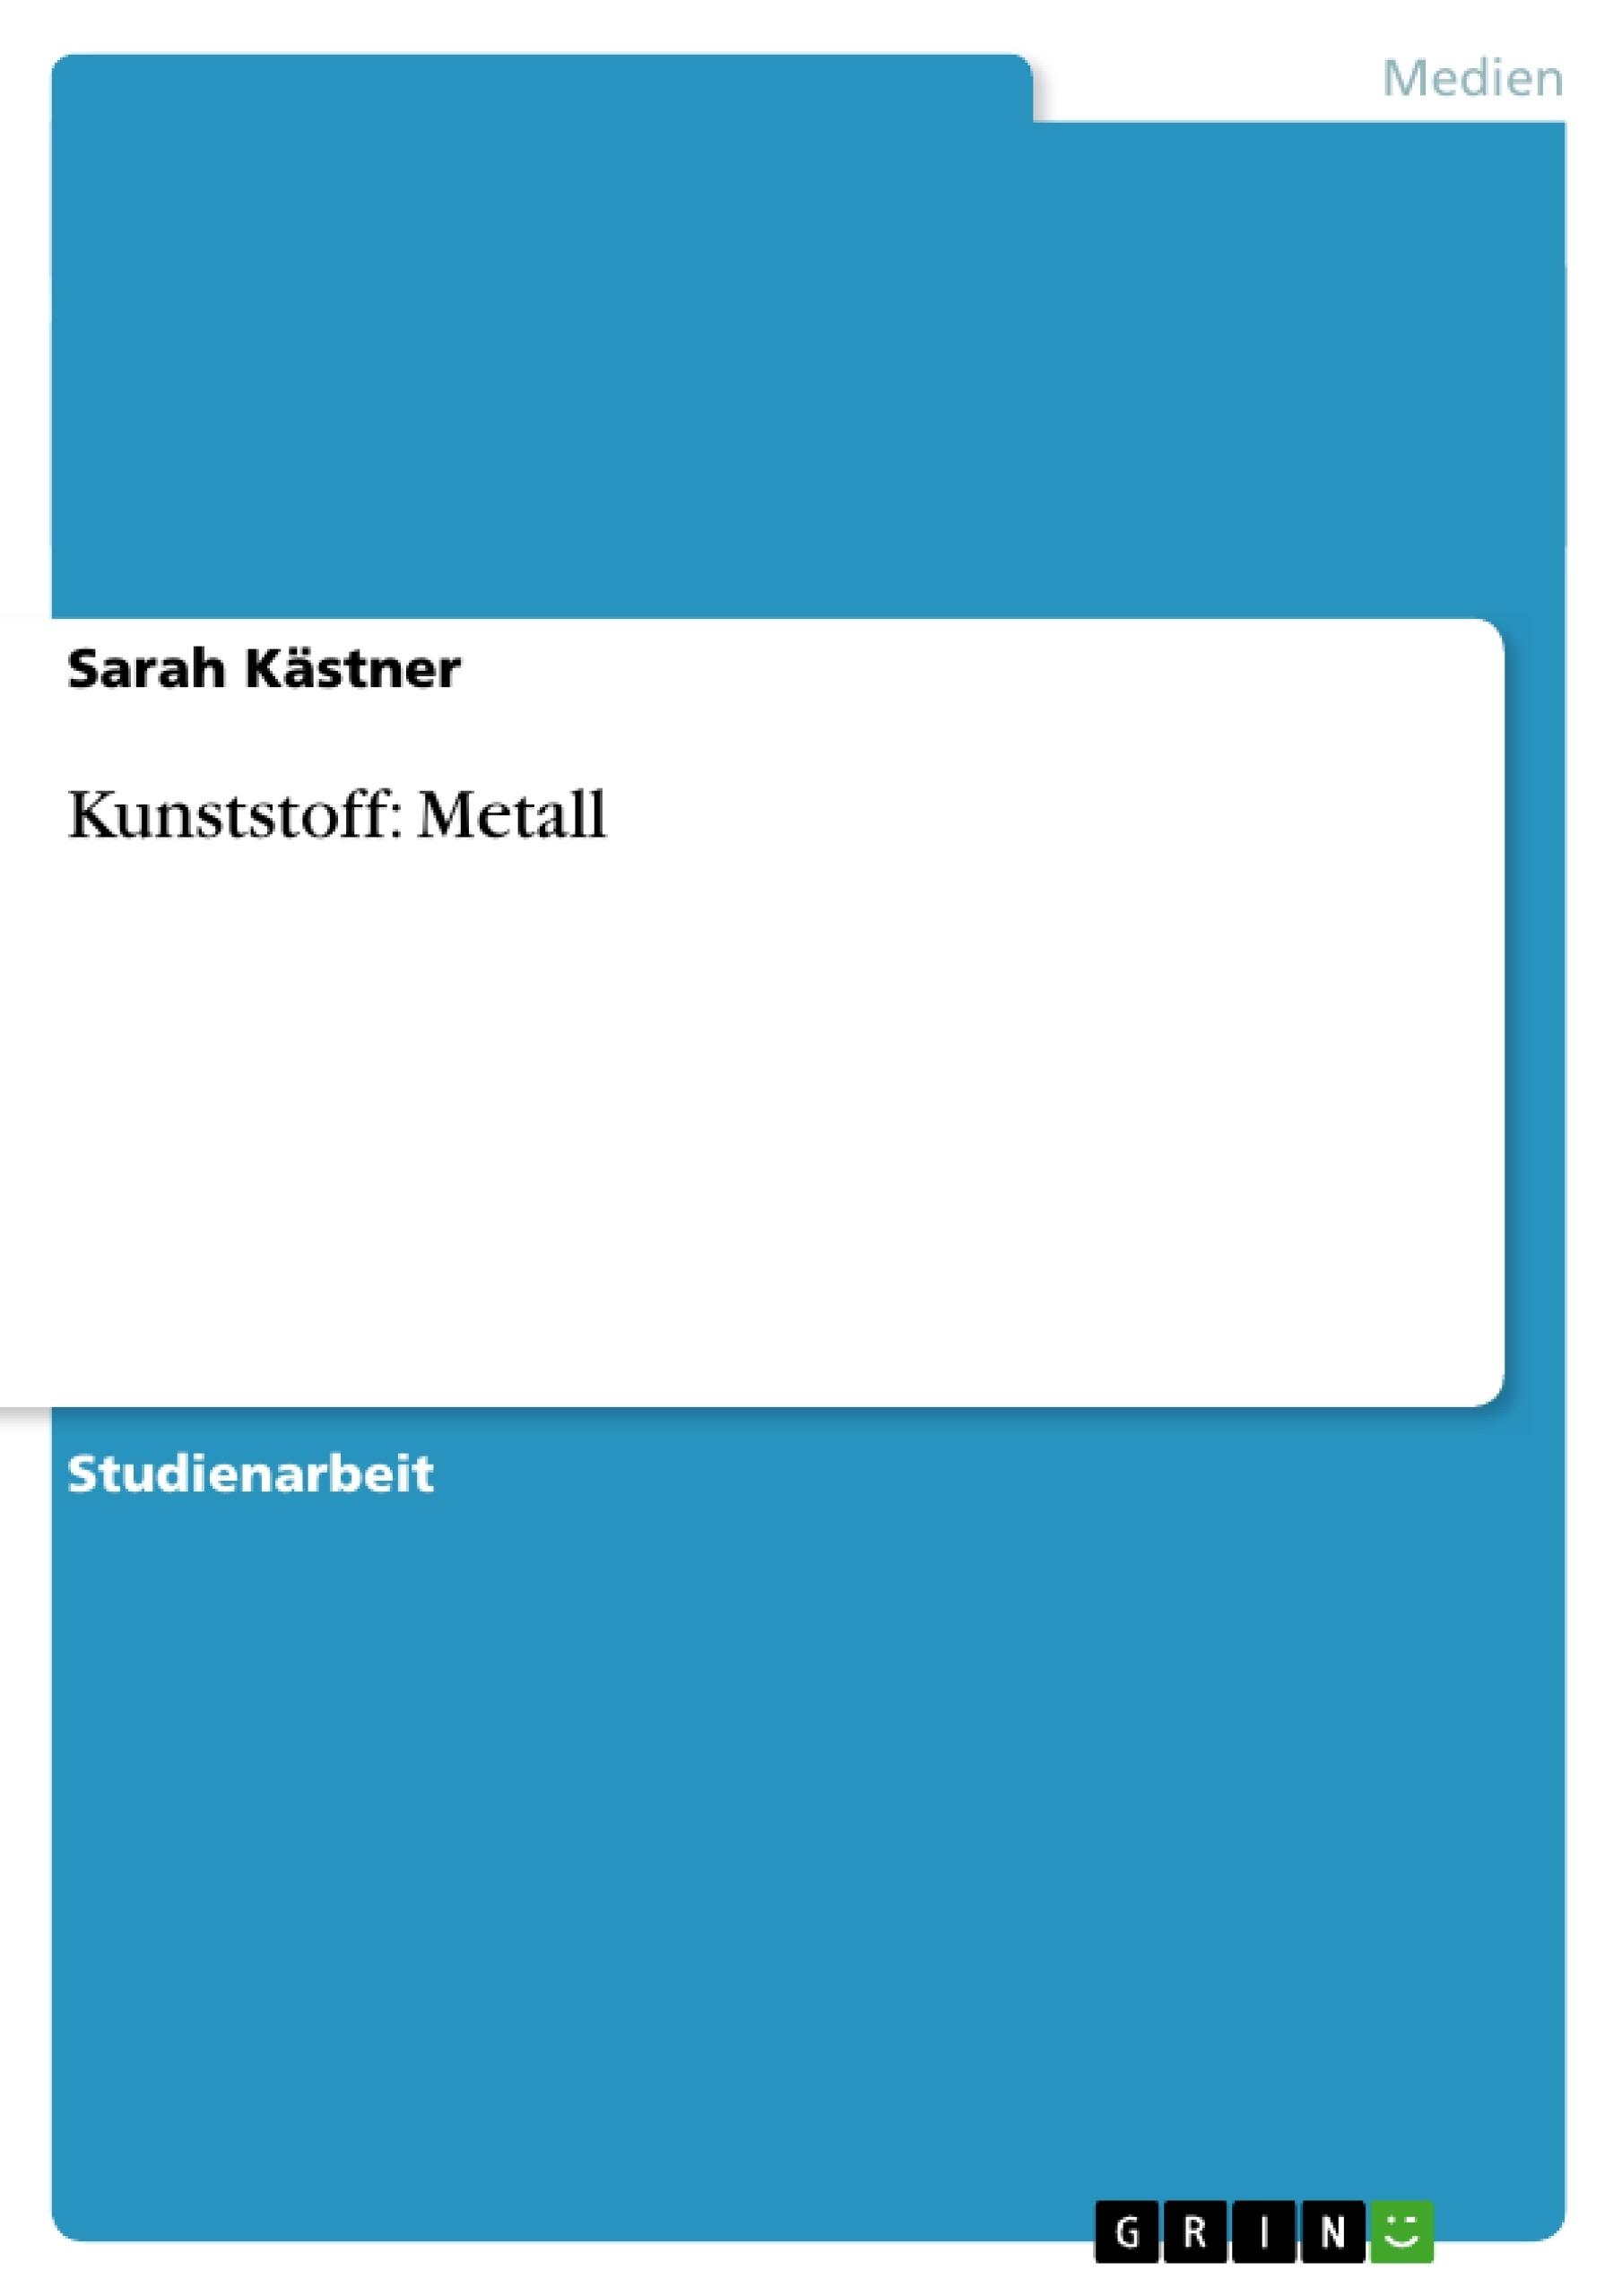 Titel: Kunststoff: Metall